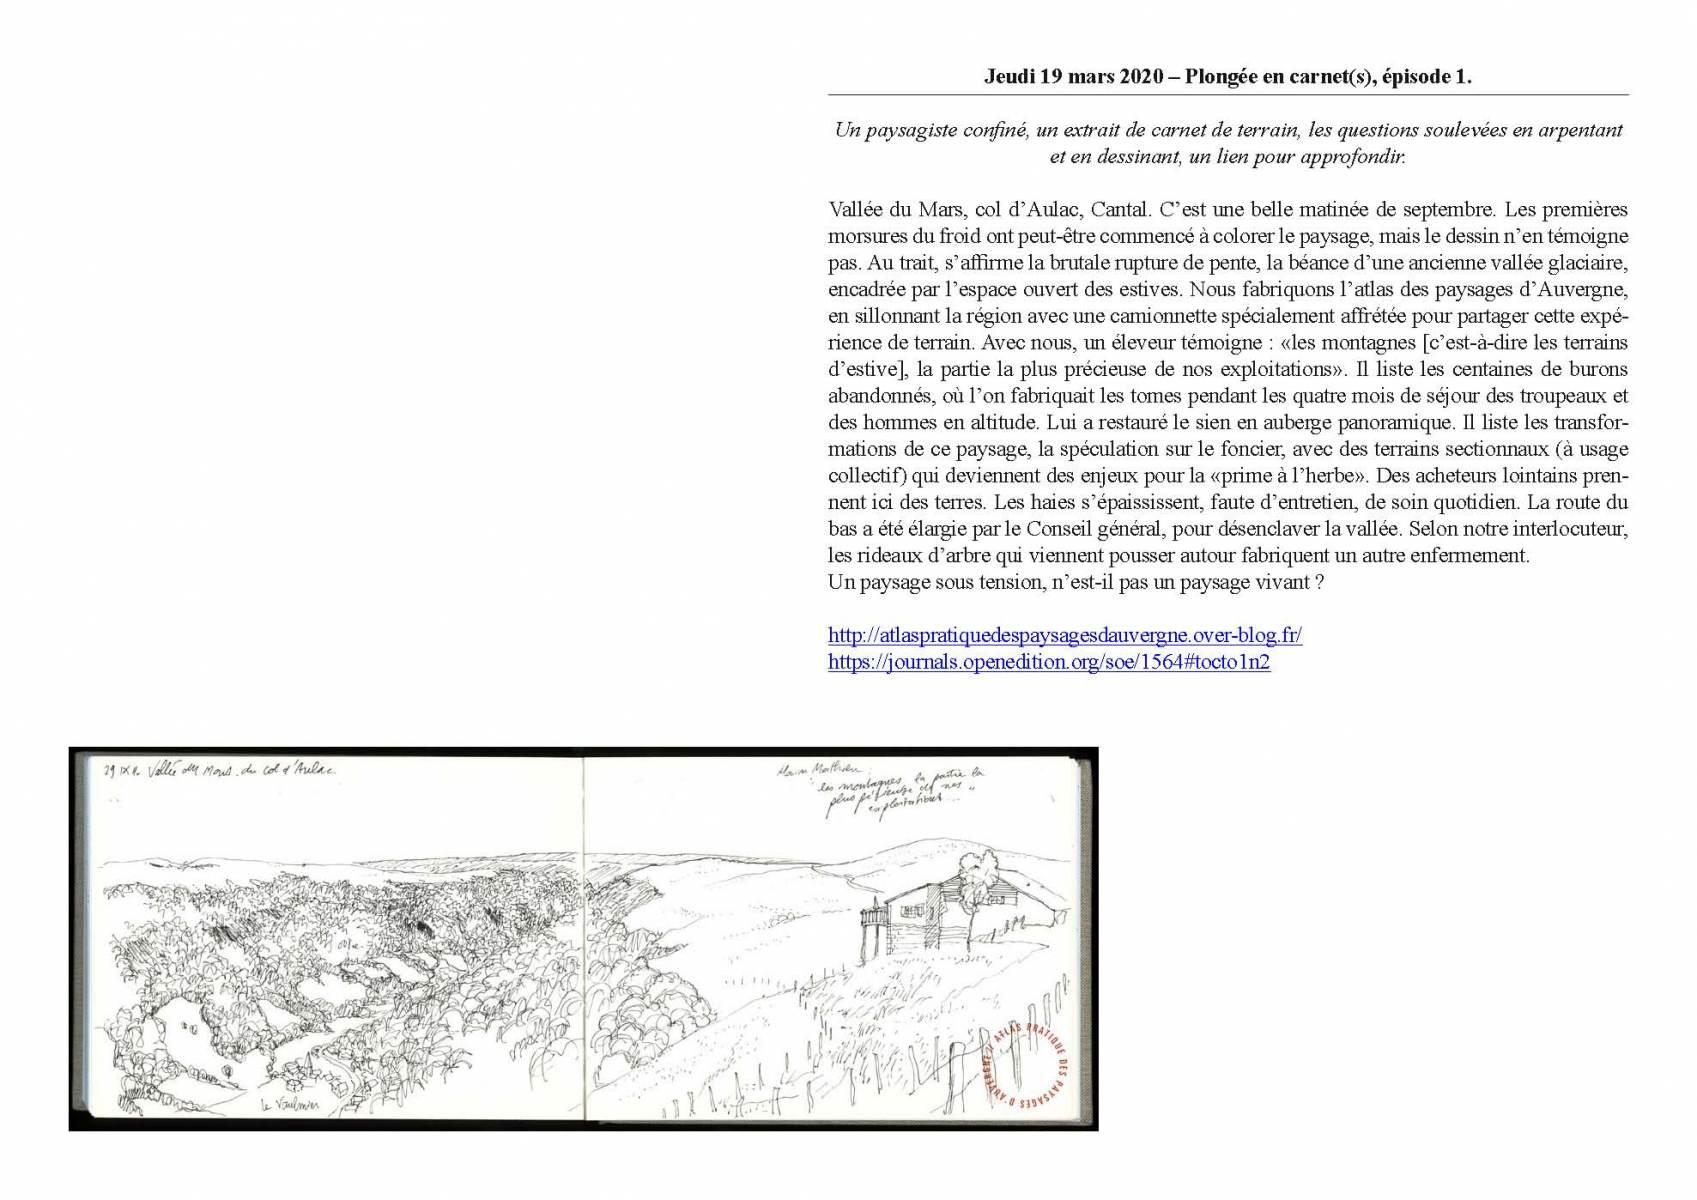 Plongee_en_carnets_Page_02